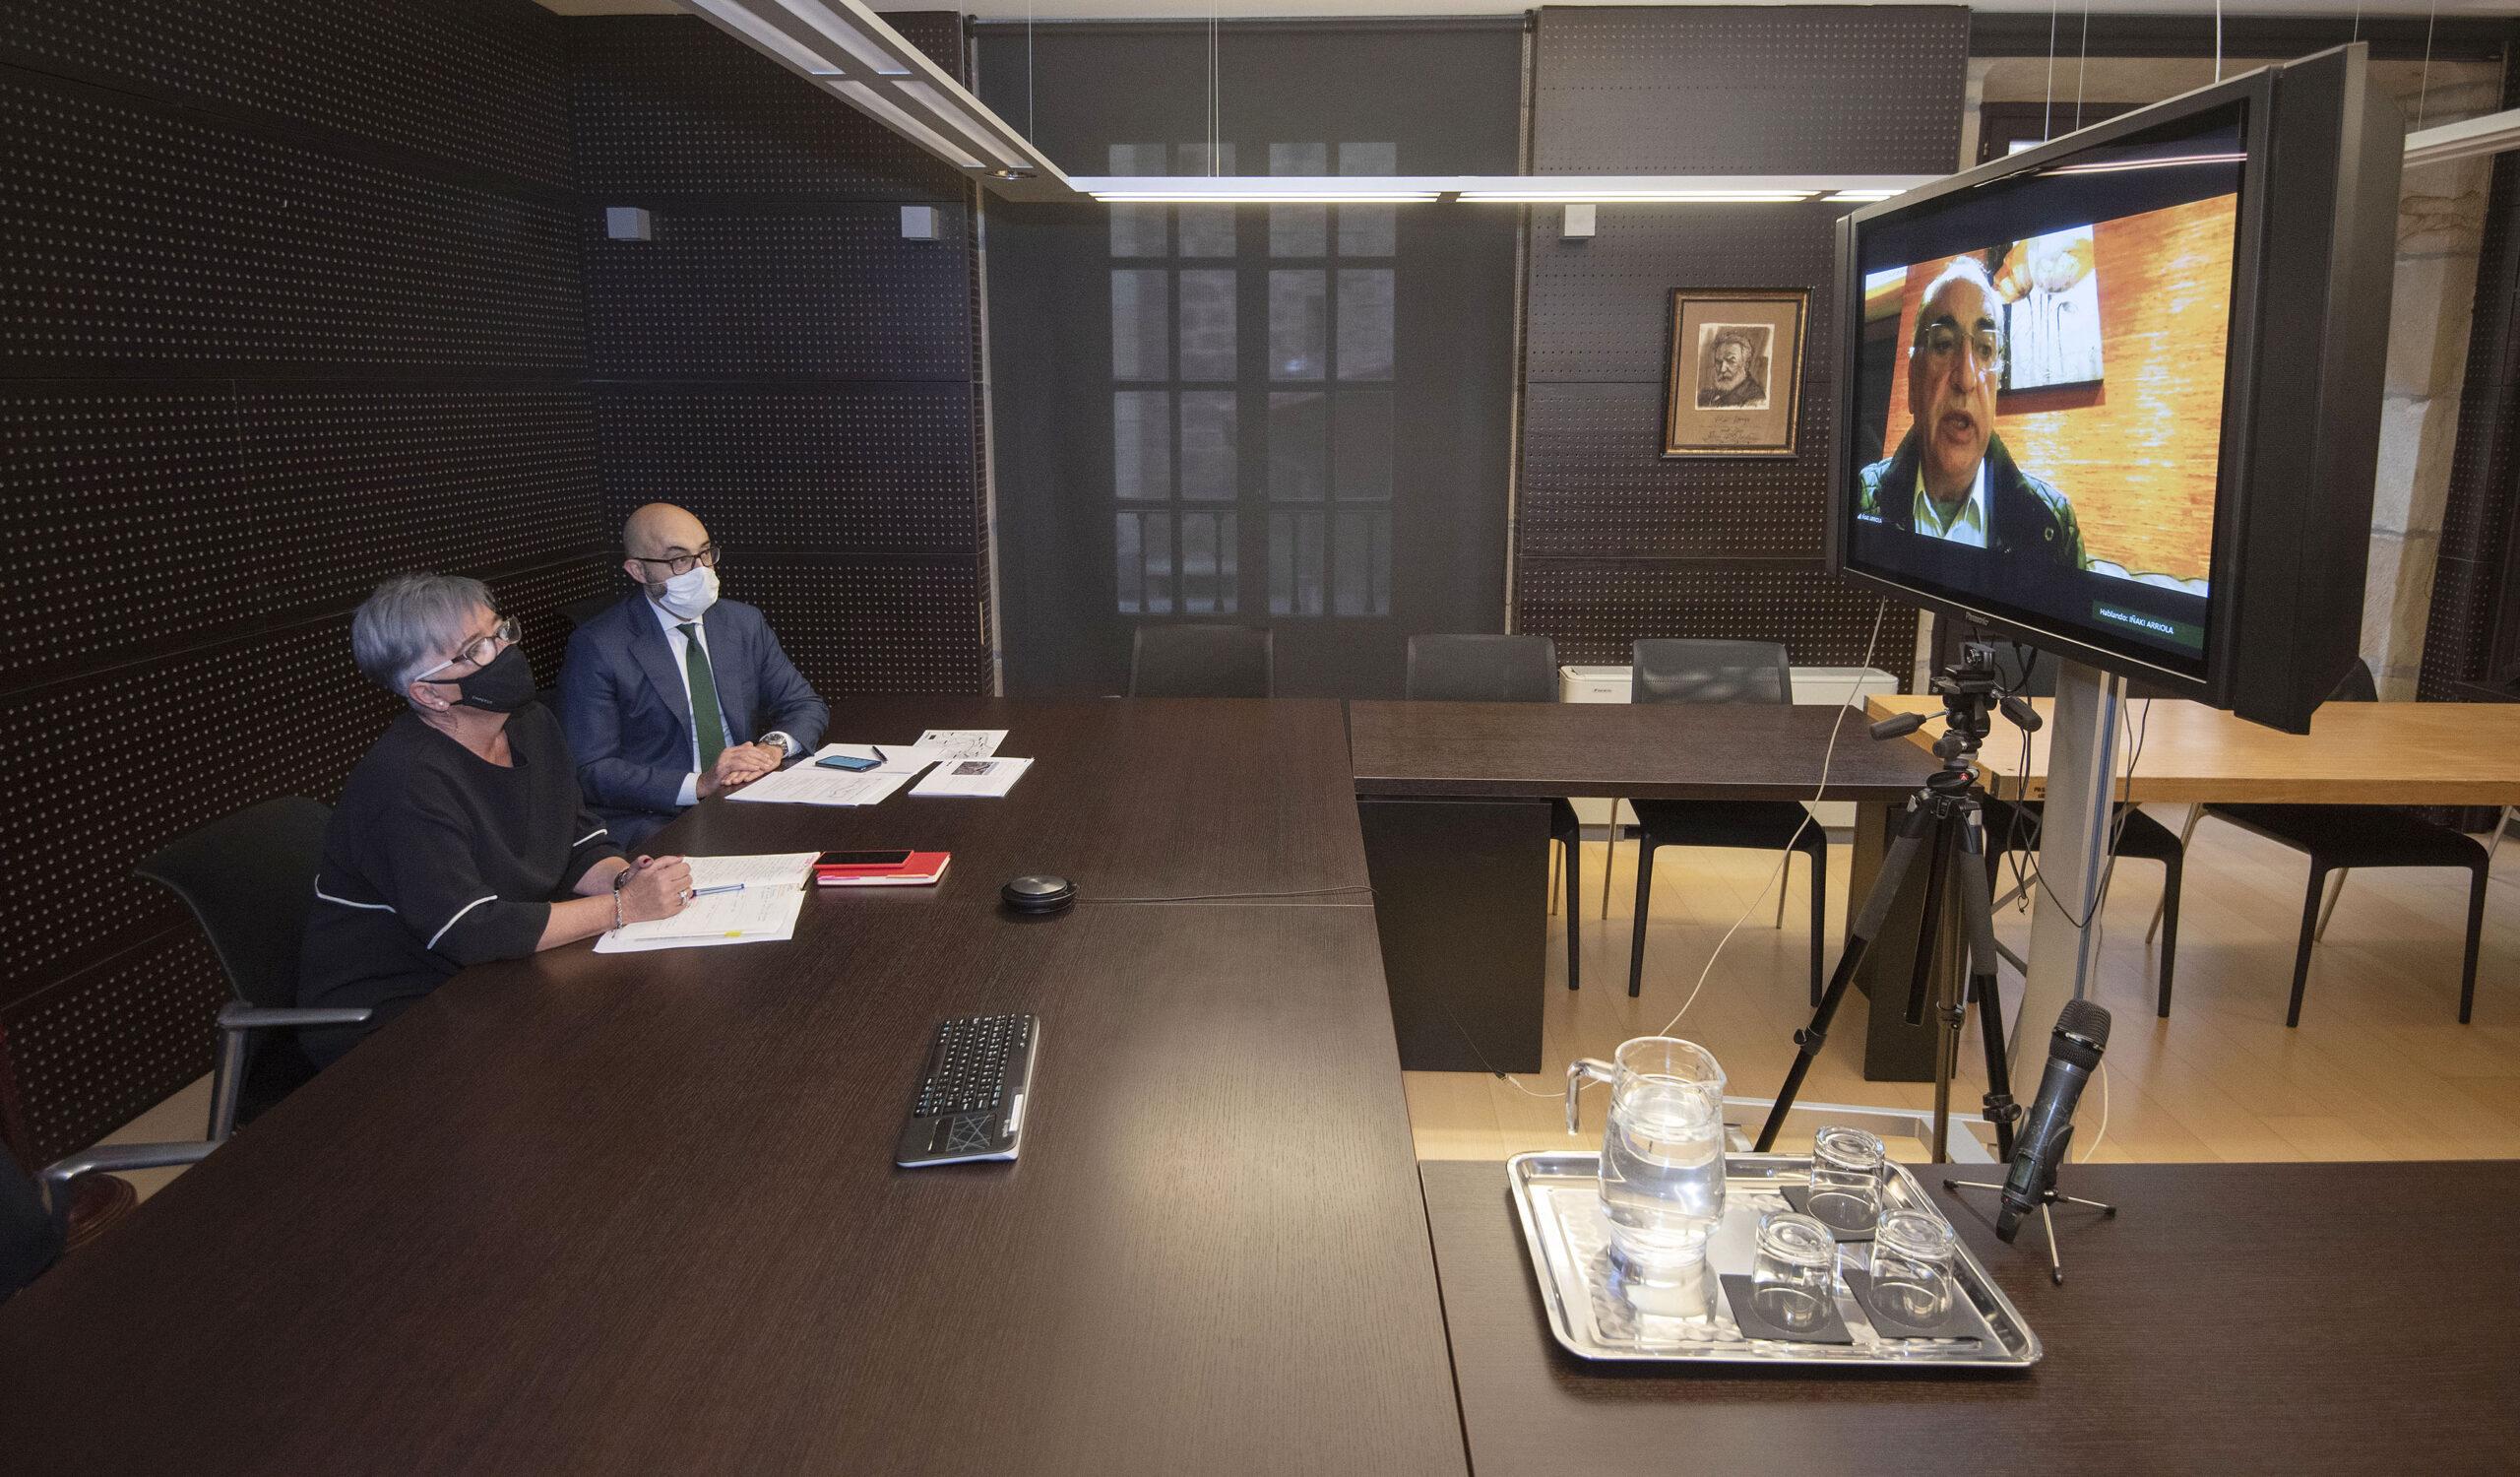 Arriola en vídeo llamada hoy con la alcaldesa de Pasaia Izaskun Gómez. Foto: Gobierno vasco